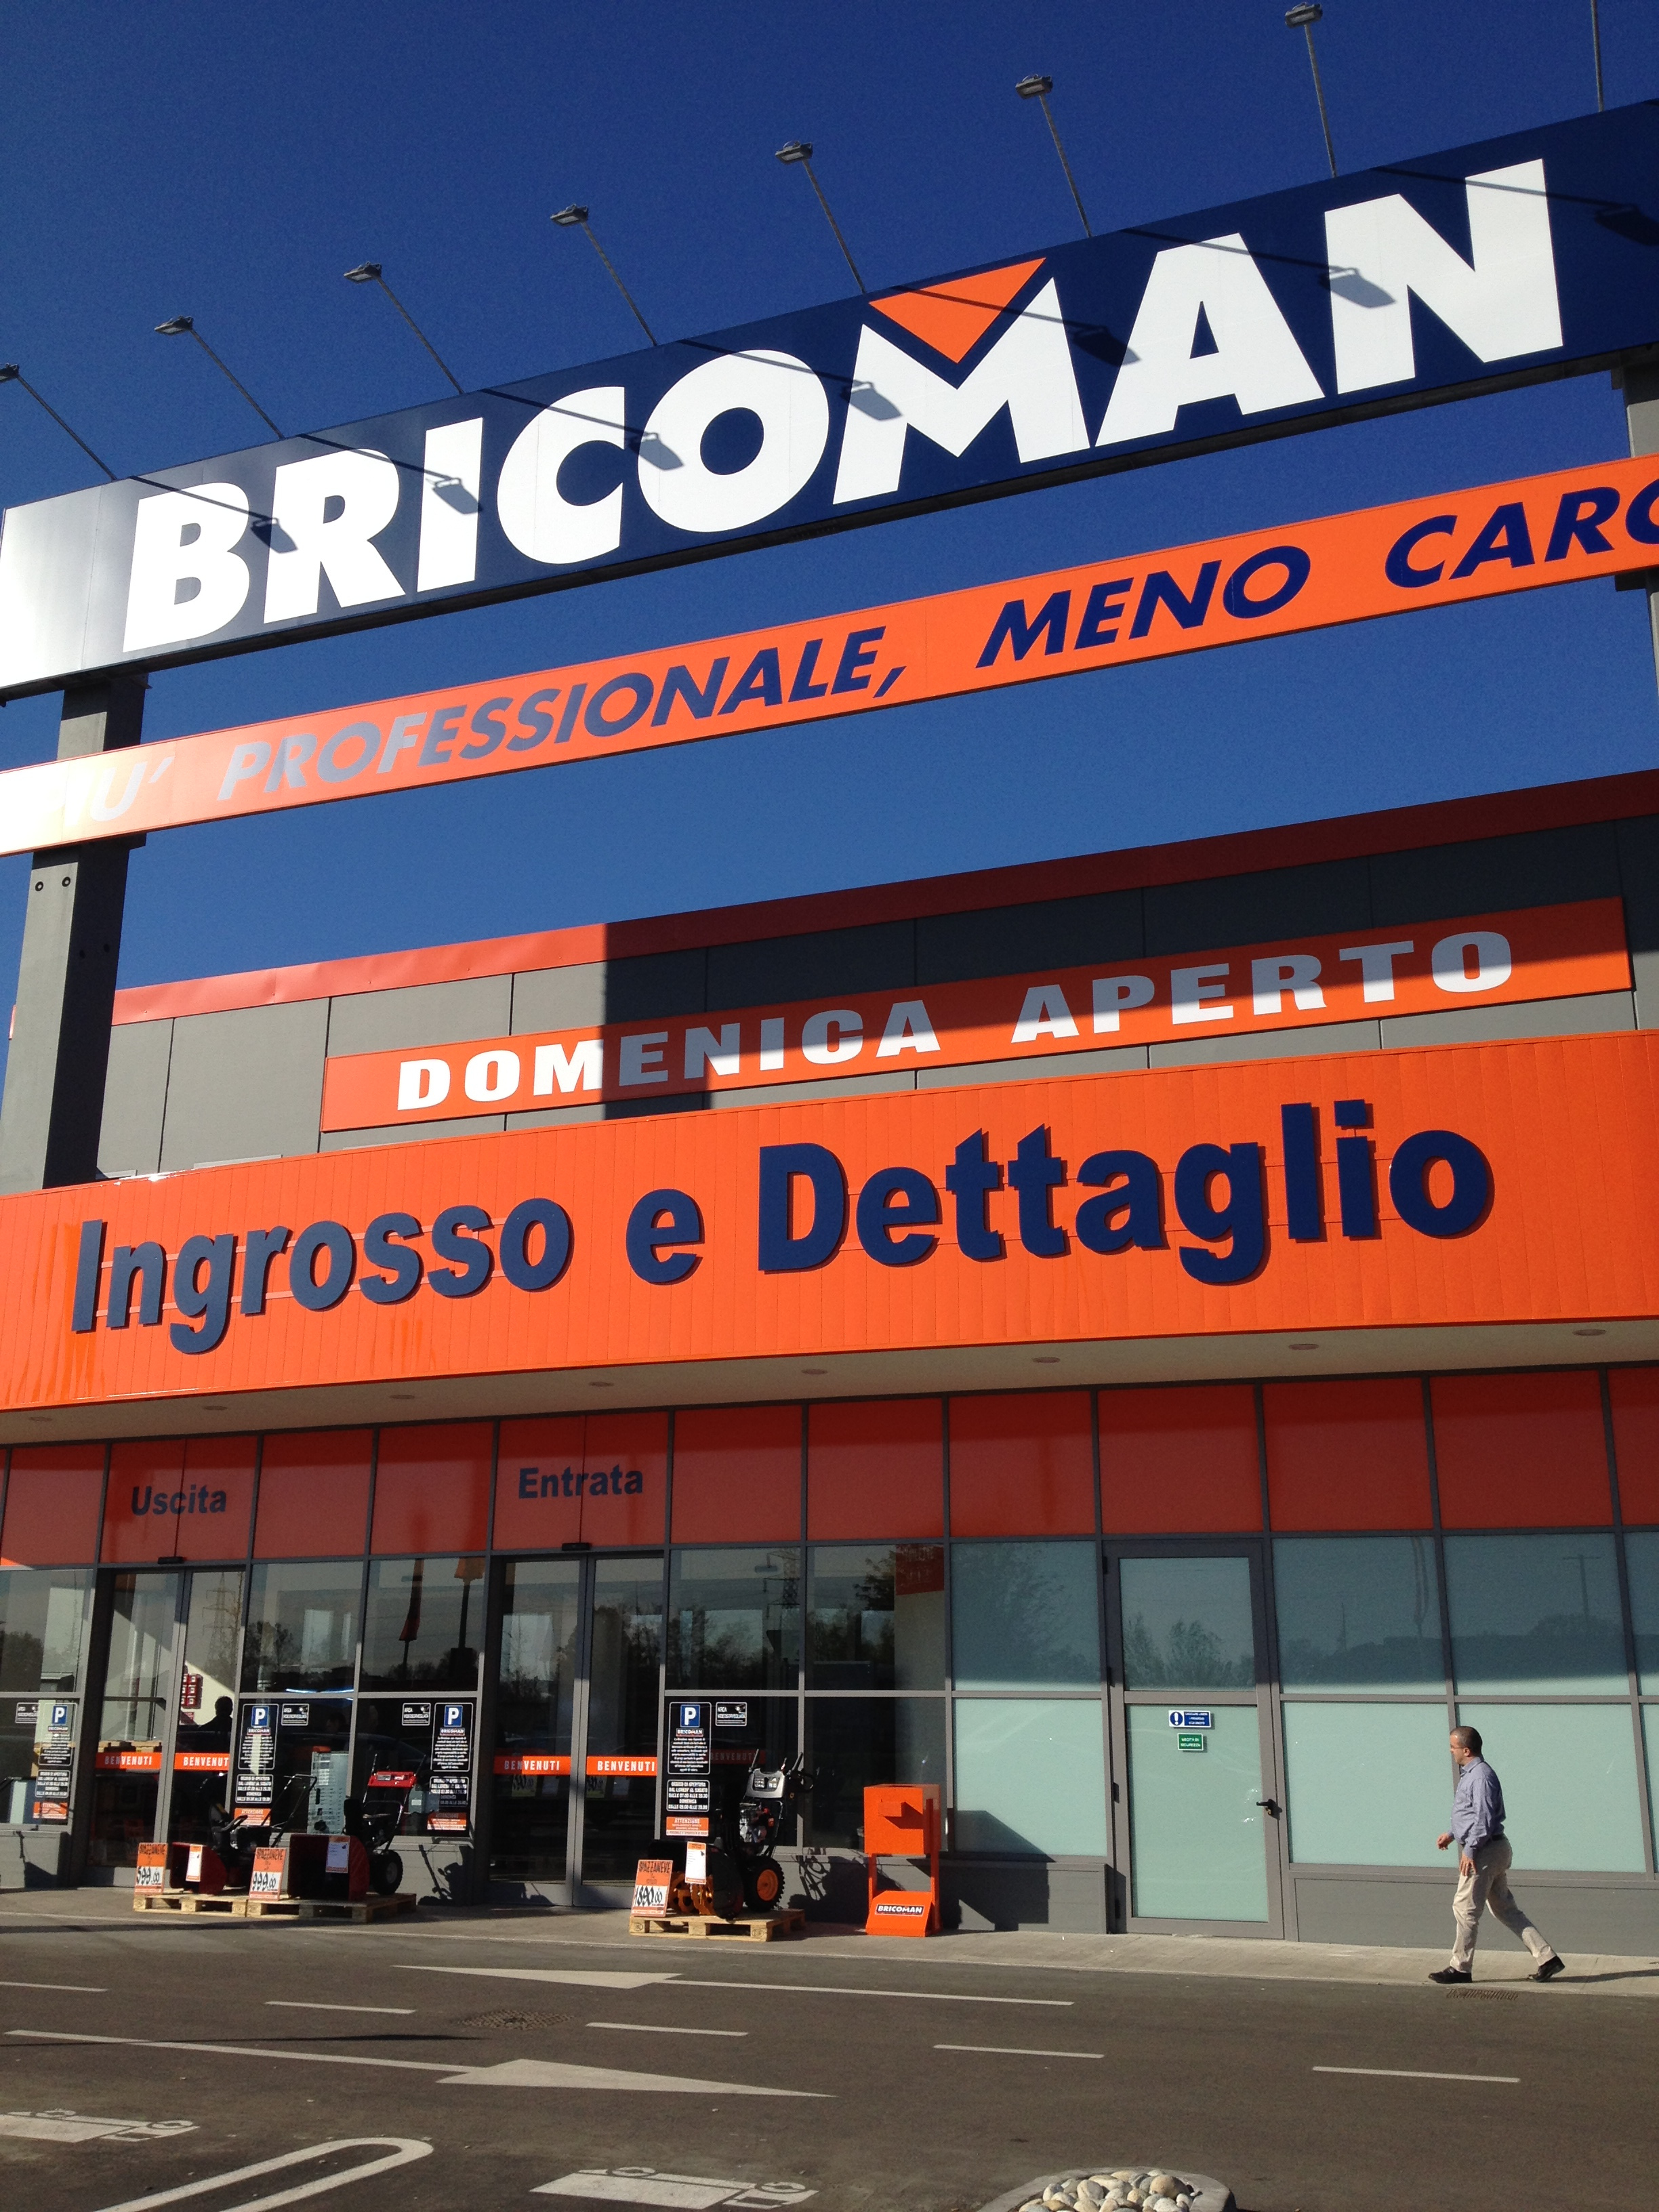 Centro sicilia bricoman